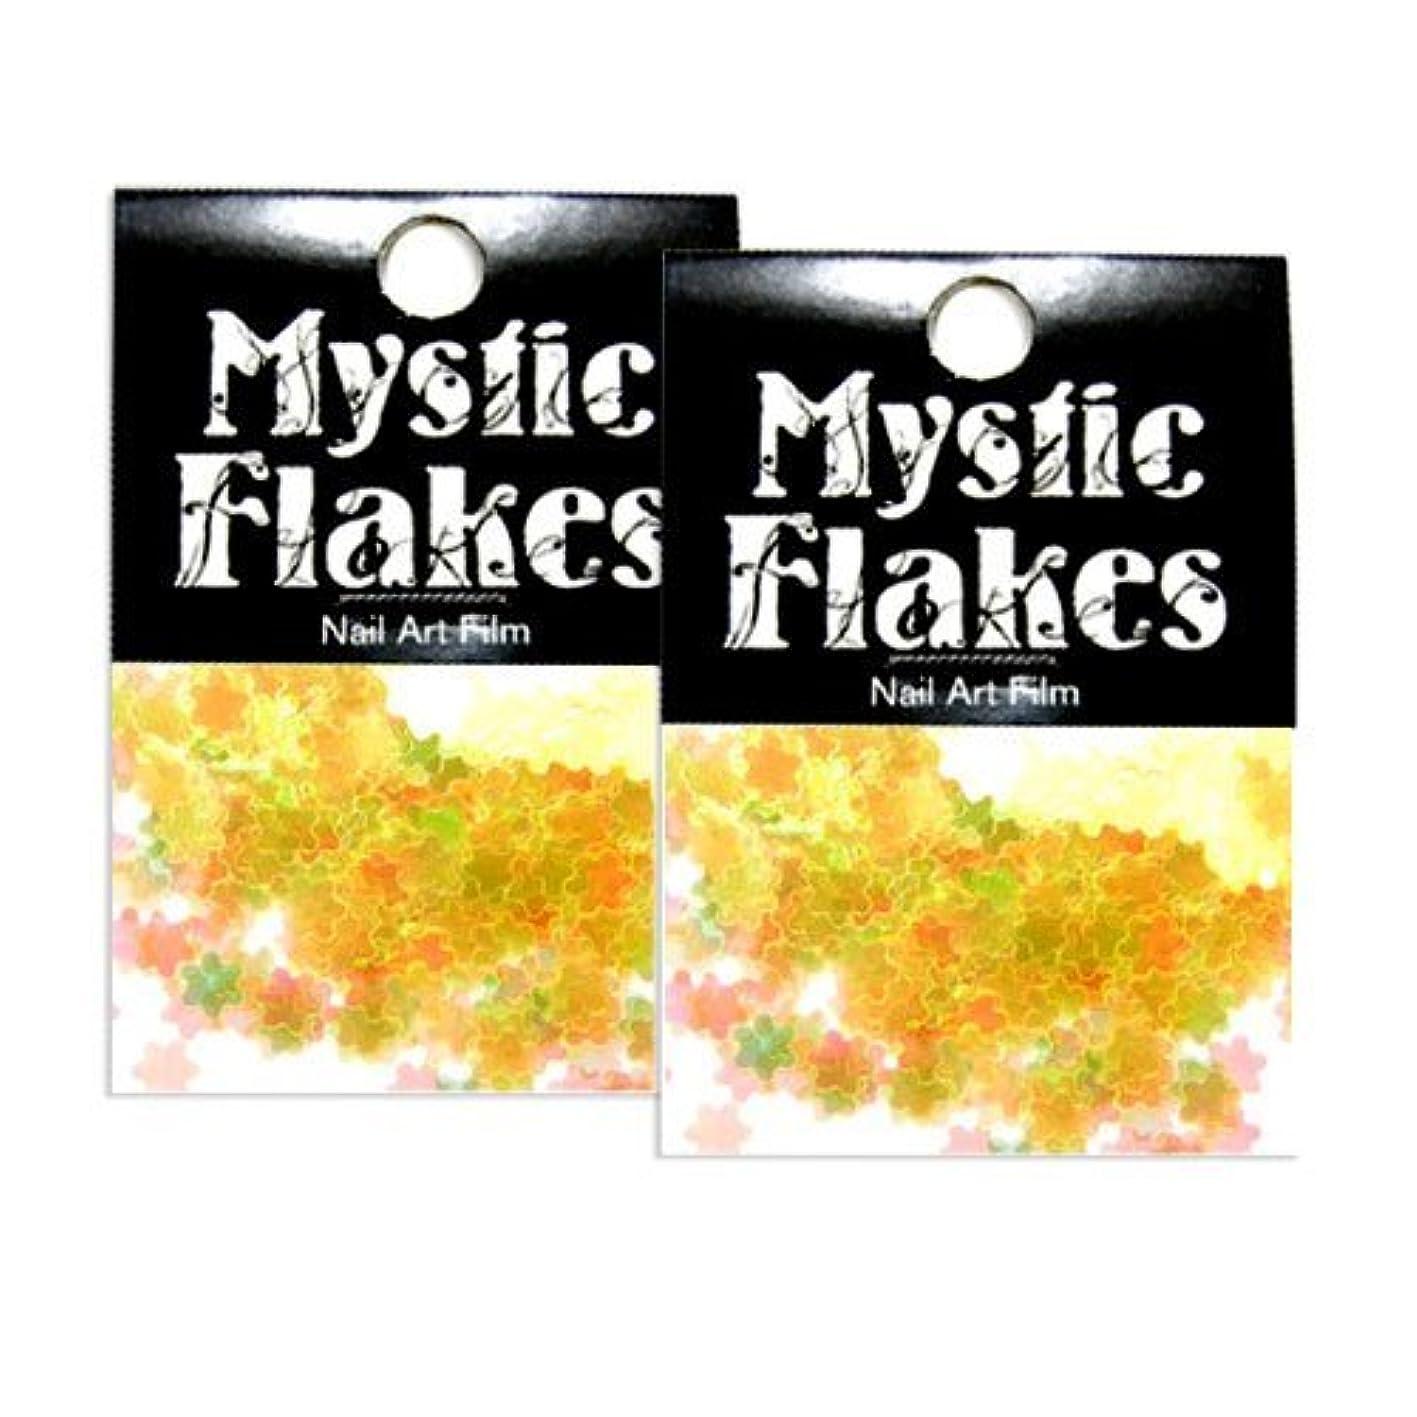 魅惑的な一元化する魔法ミスティックフレース ネイル用ストーン オーロライエロー フラワー 0.5g 2個セット